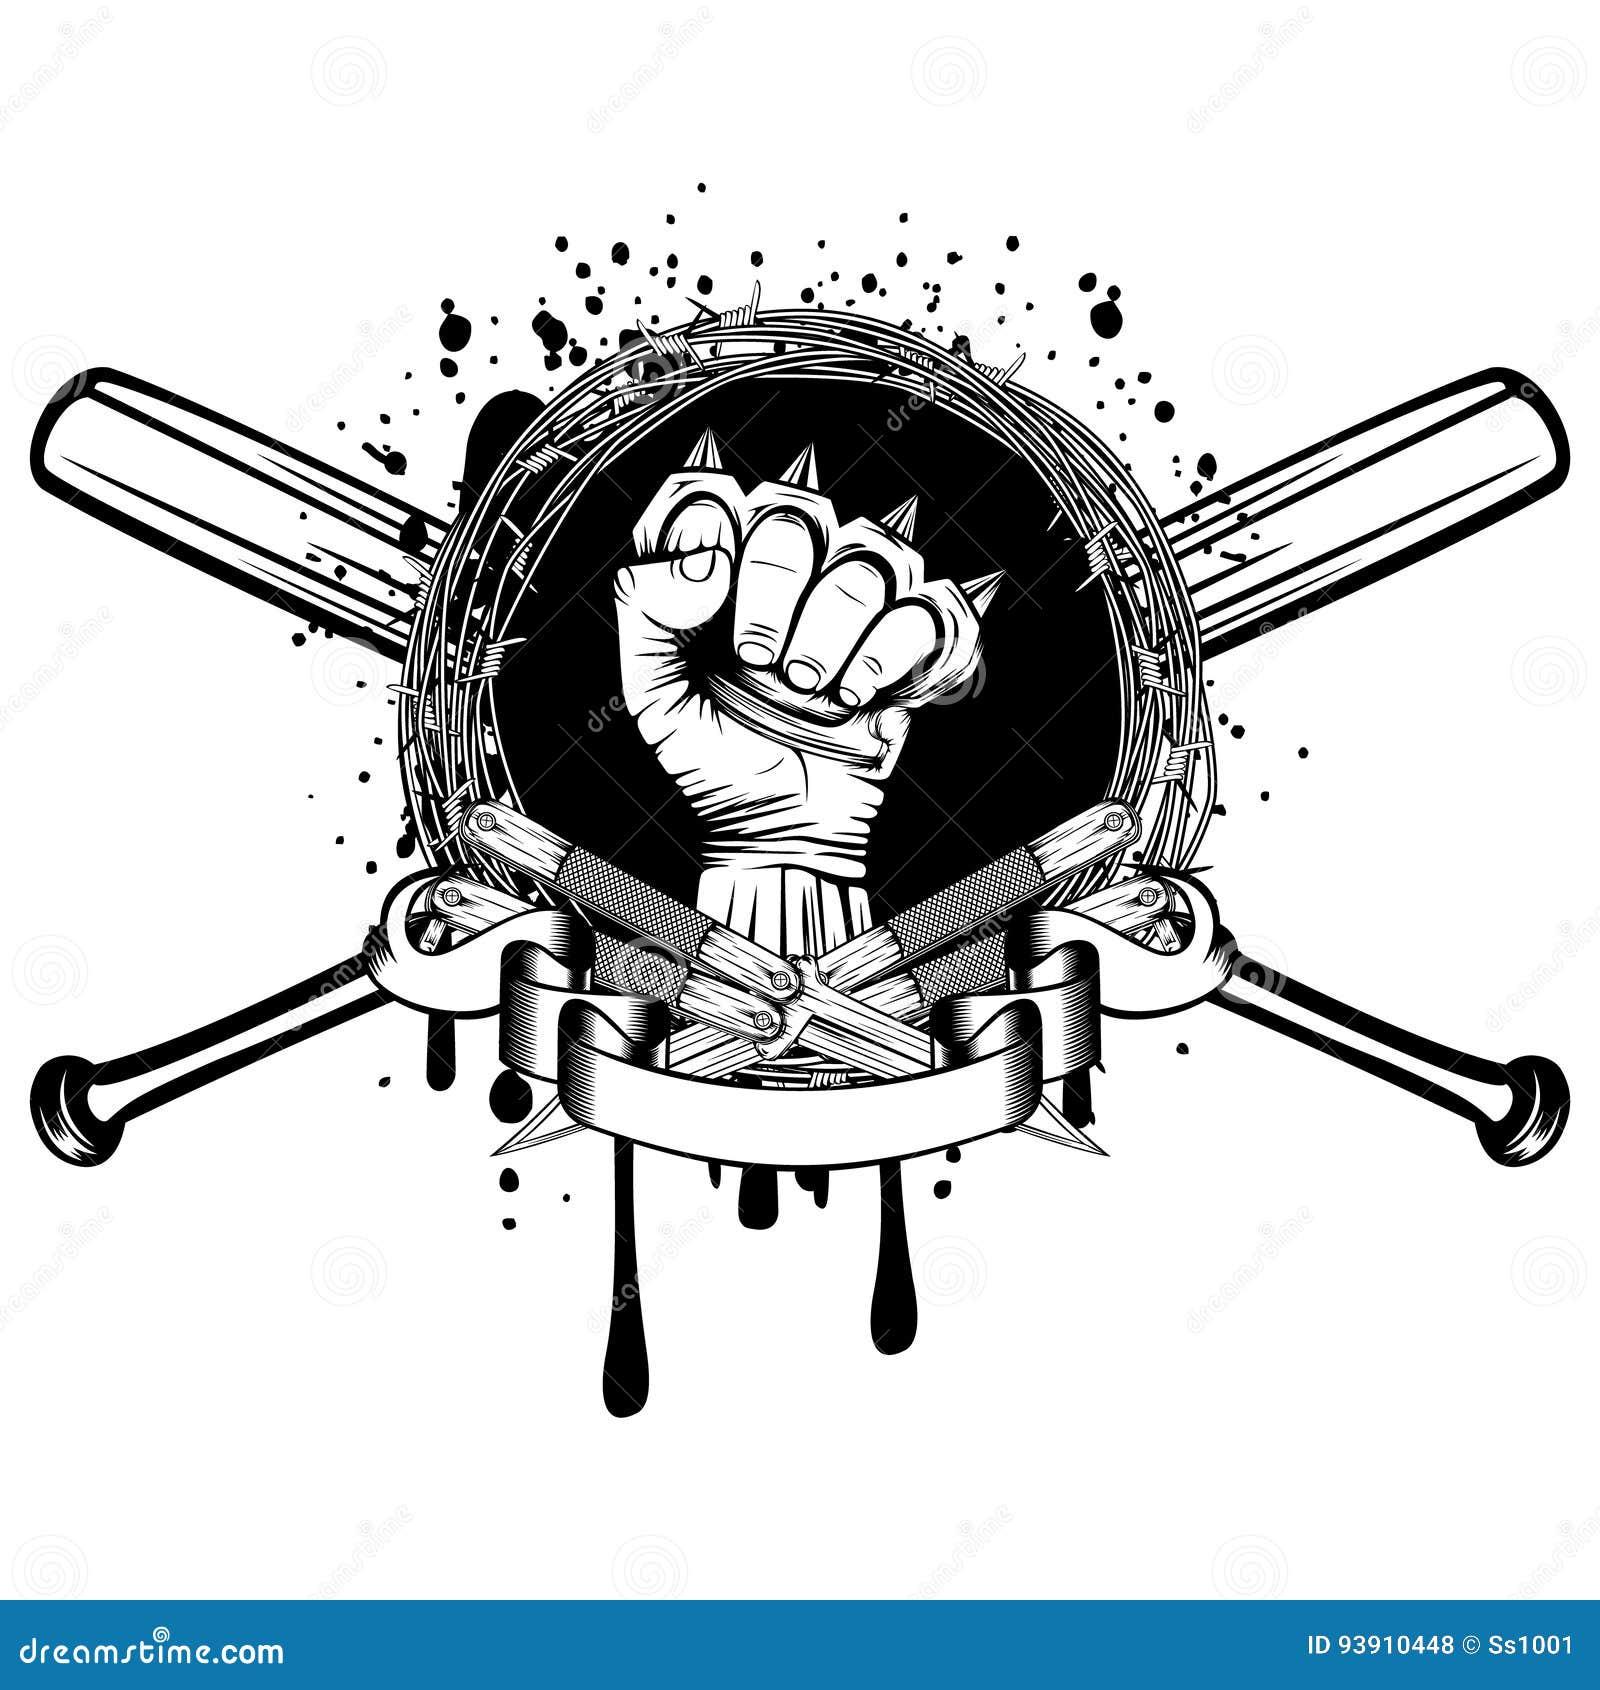 Knife bat knuckle_2 stock vector. Illustration of knuckleduster ...